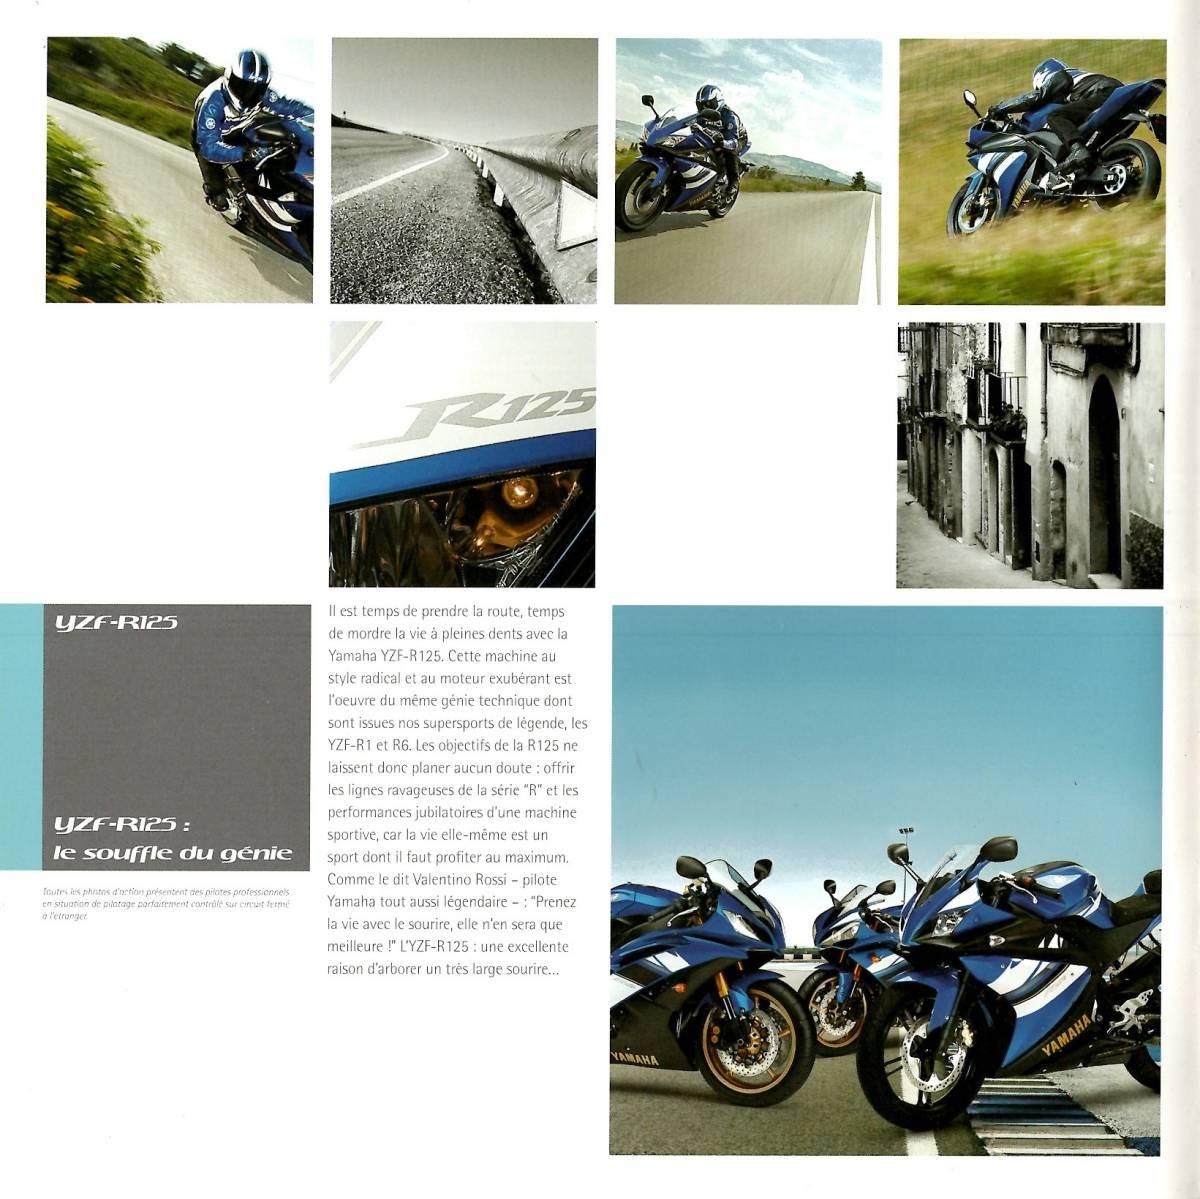 欧州版 ヤマハ 2008年 YZF-R125 カタログ。単品カタログはめったに出ないです。_画像8